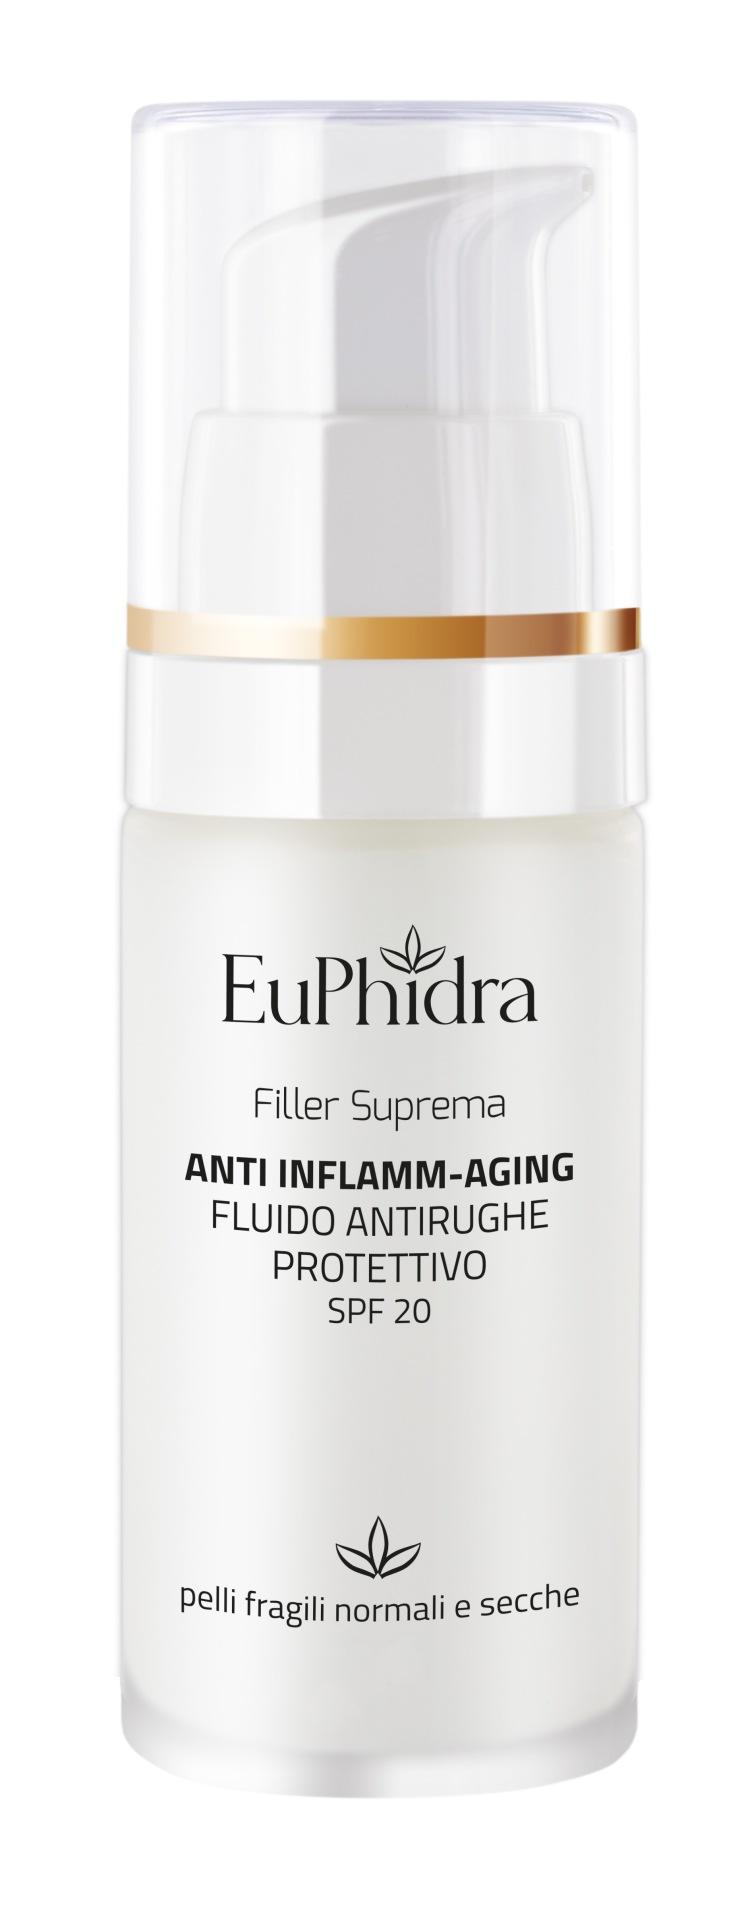 fillersuprema_fluido_antirughe